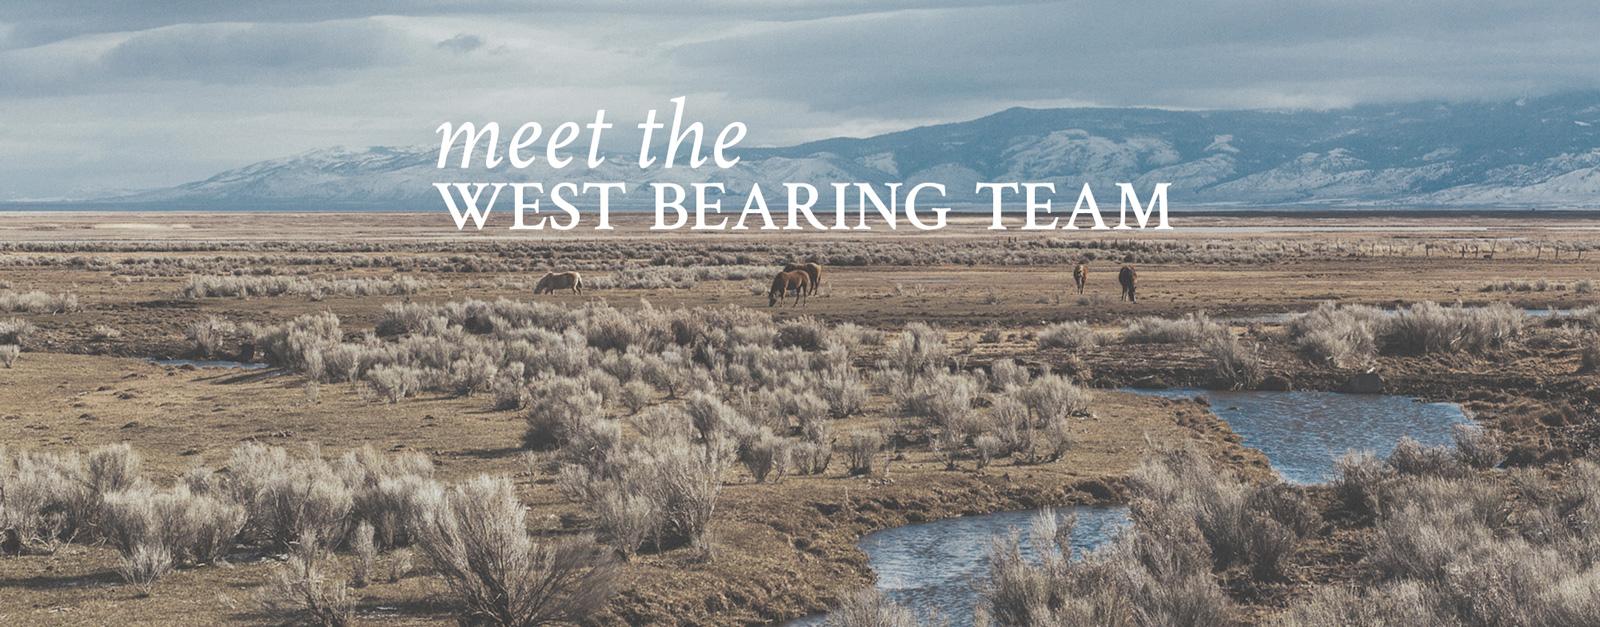 Meet the West Bearing Team